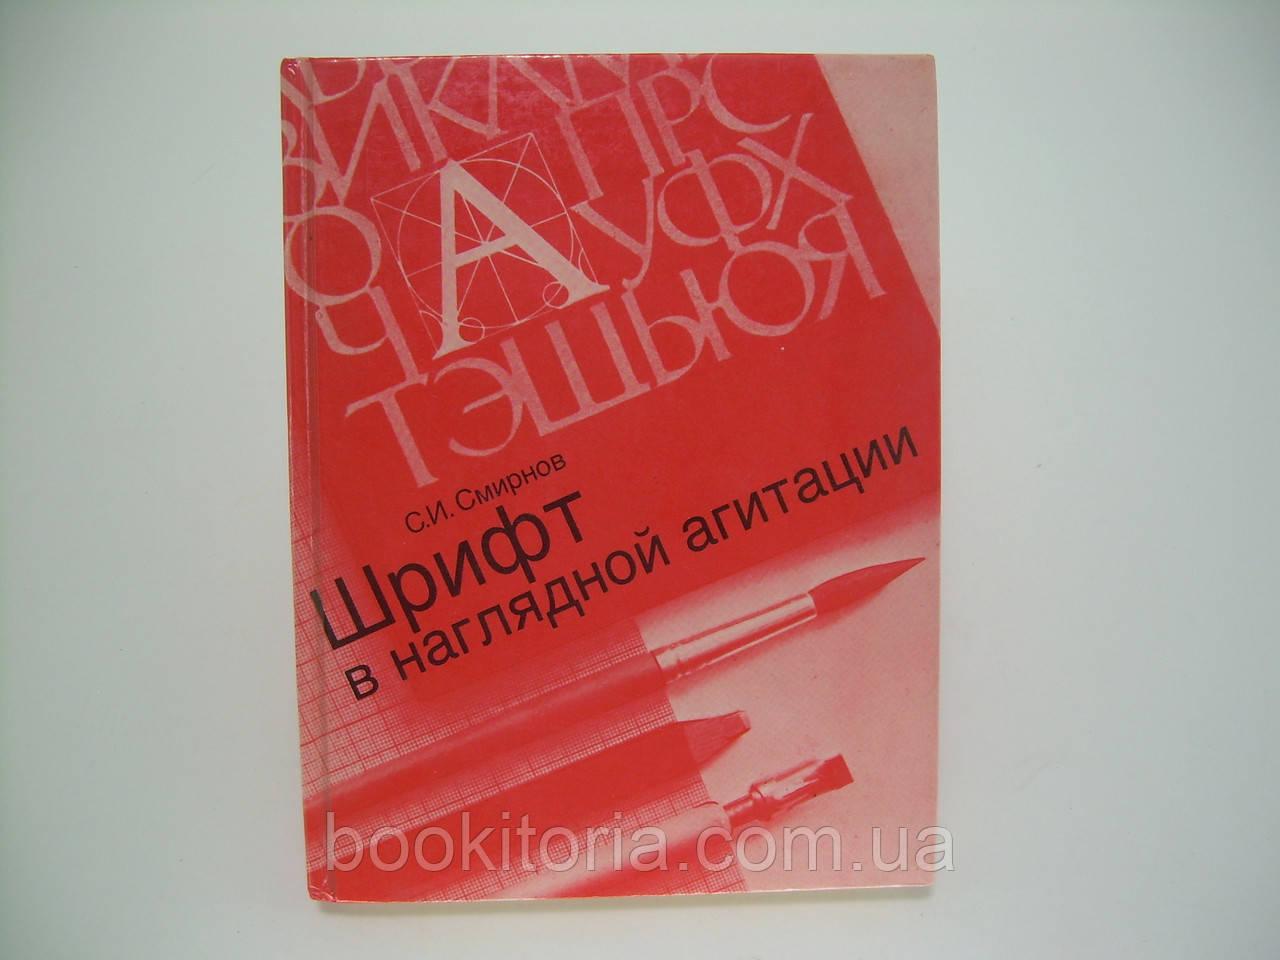 Смирнов С.И. Шрифт в наглядной агитации (б/у).